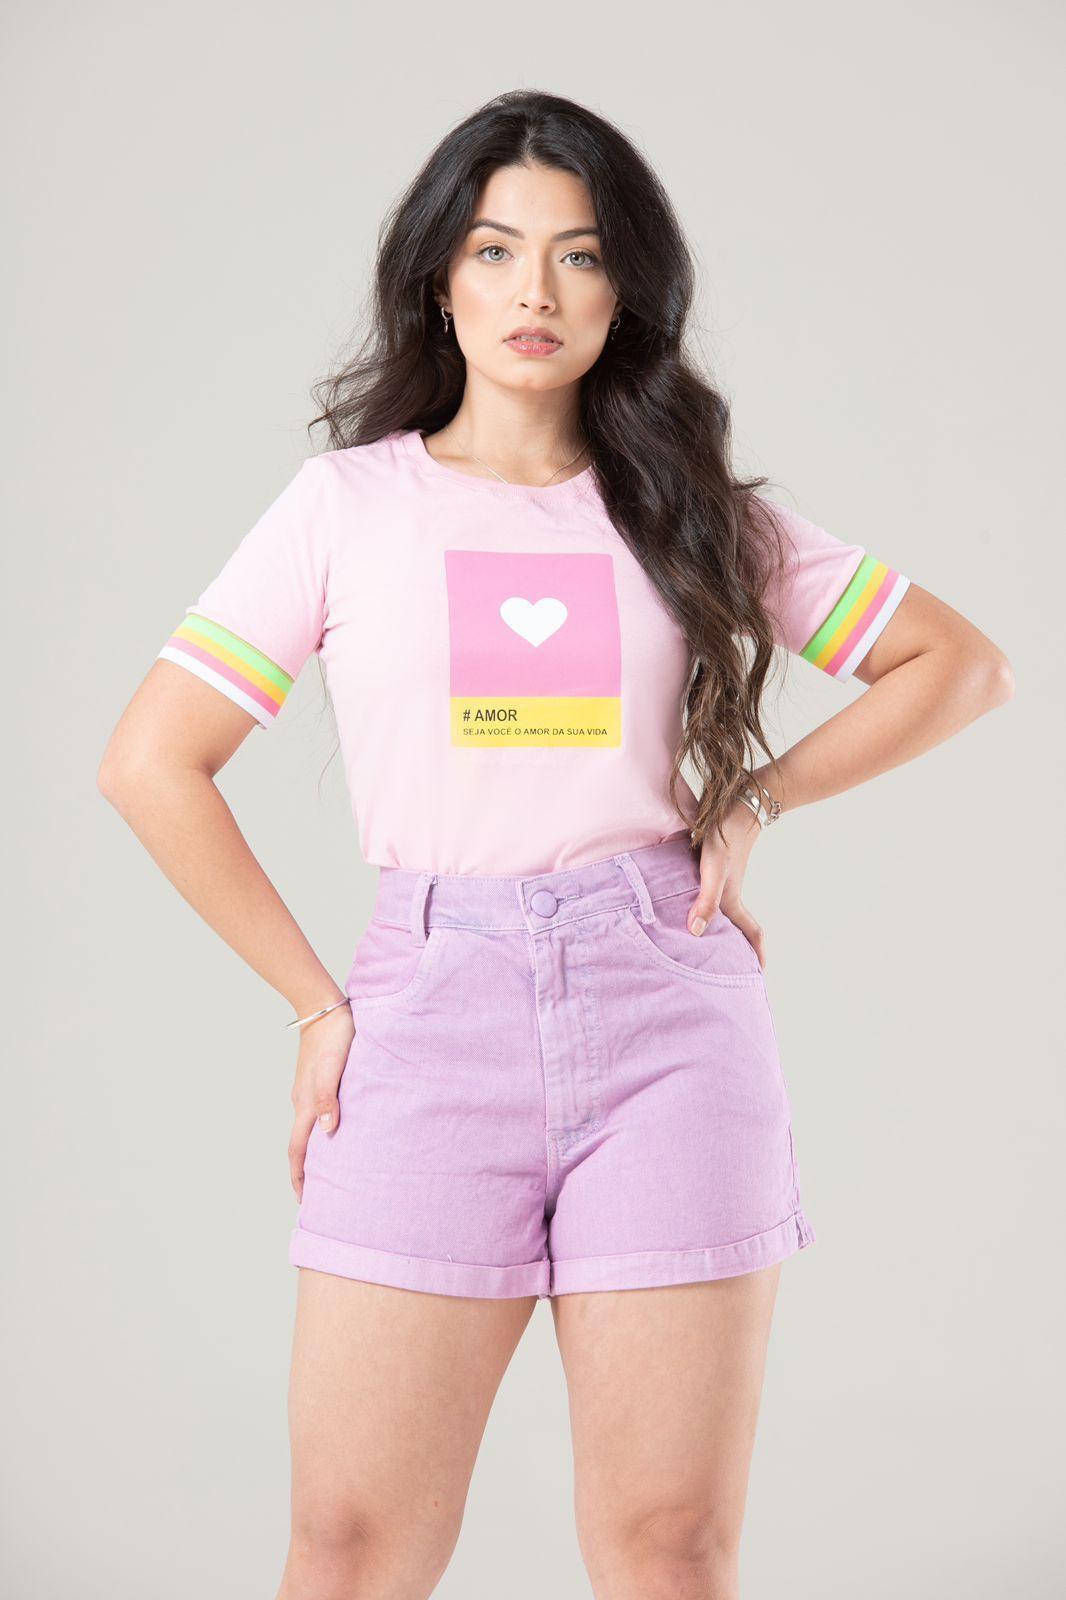 Diniz T-shirts feminina - #AMOR